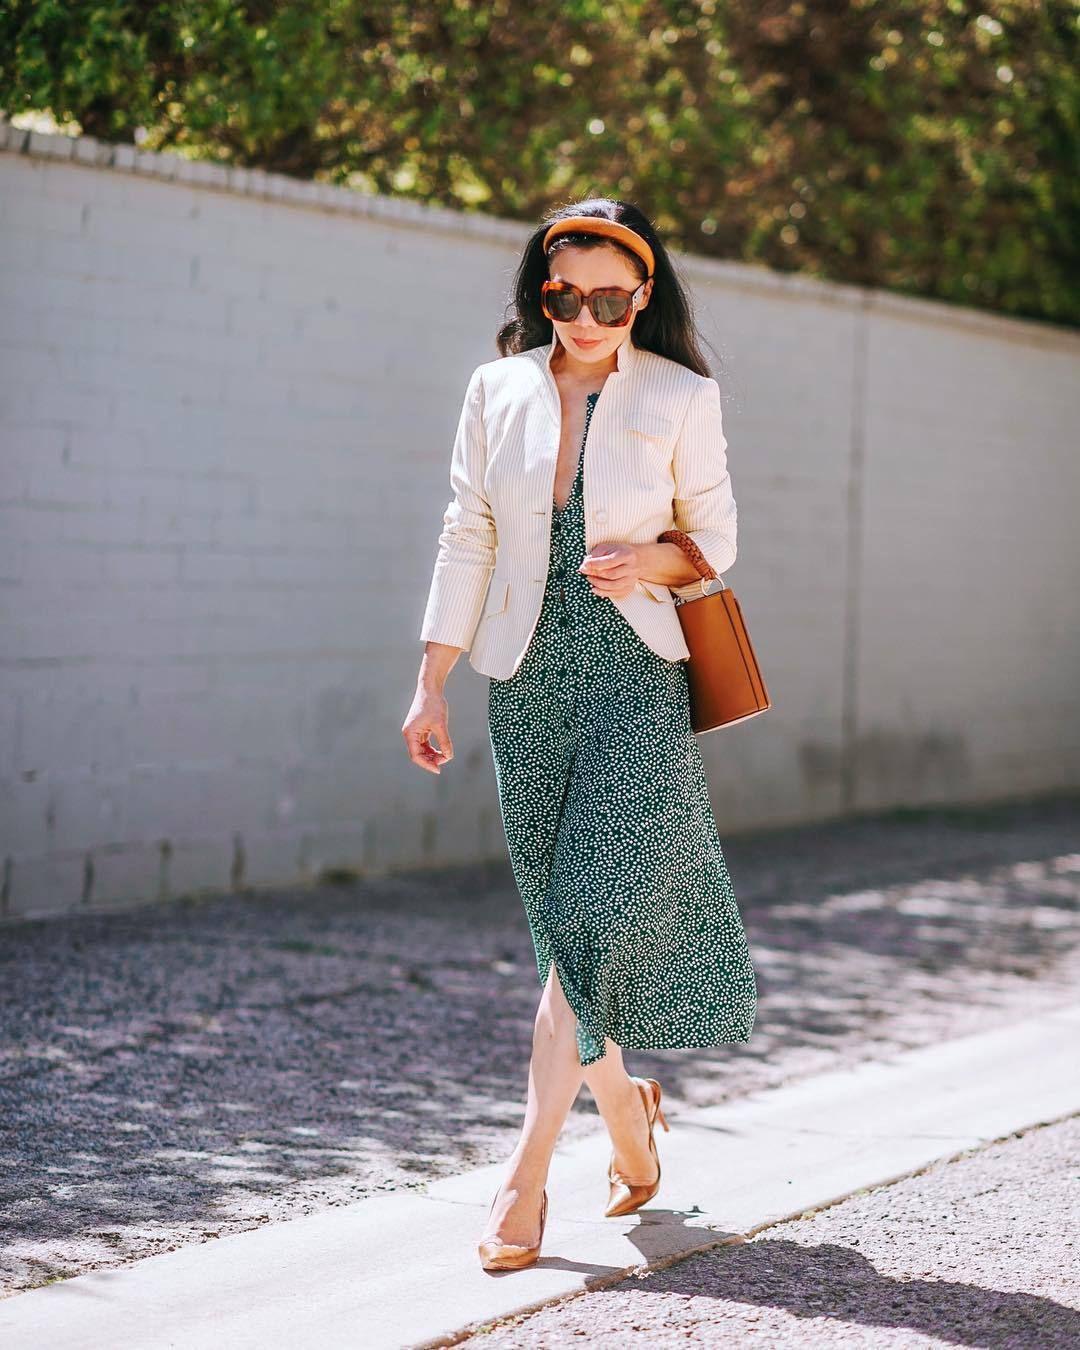 Dress, $218 at shop.nordstrom.com – Wheretoget